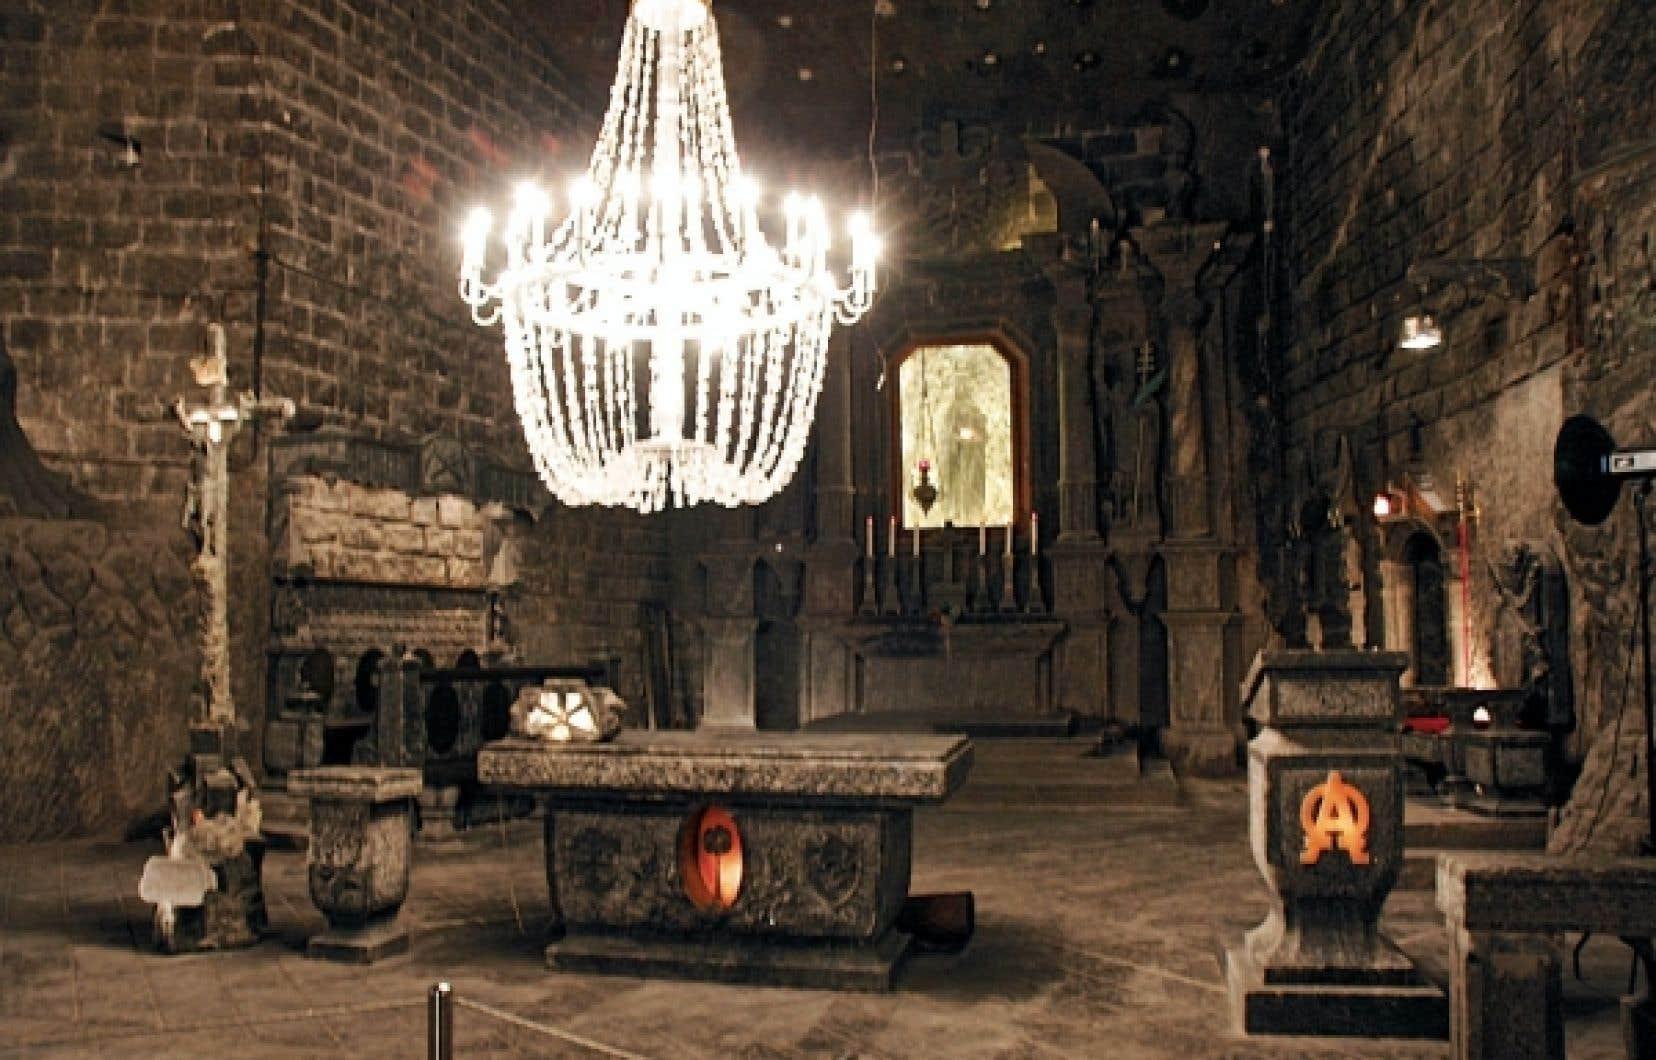 La chapelle Sainte-Kinga, à 101 mètres de profondeur, a été fondée en 1896 dans un endroit formé après l'extraction d'un énorme bloc de sel vert.